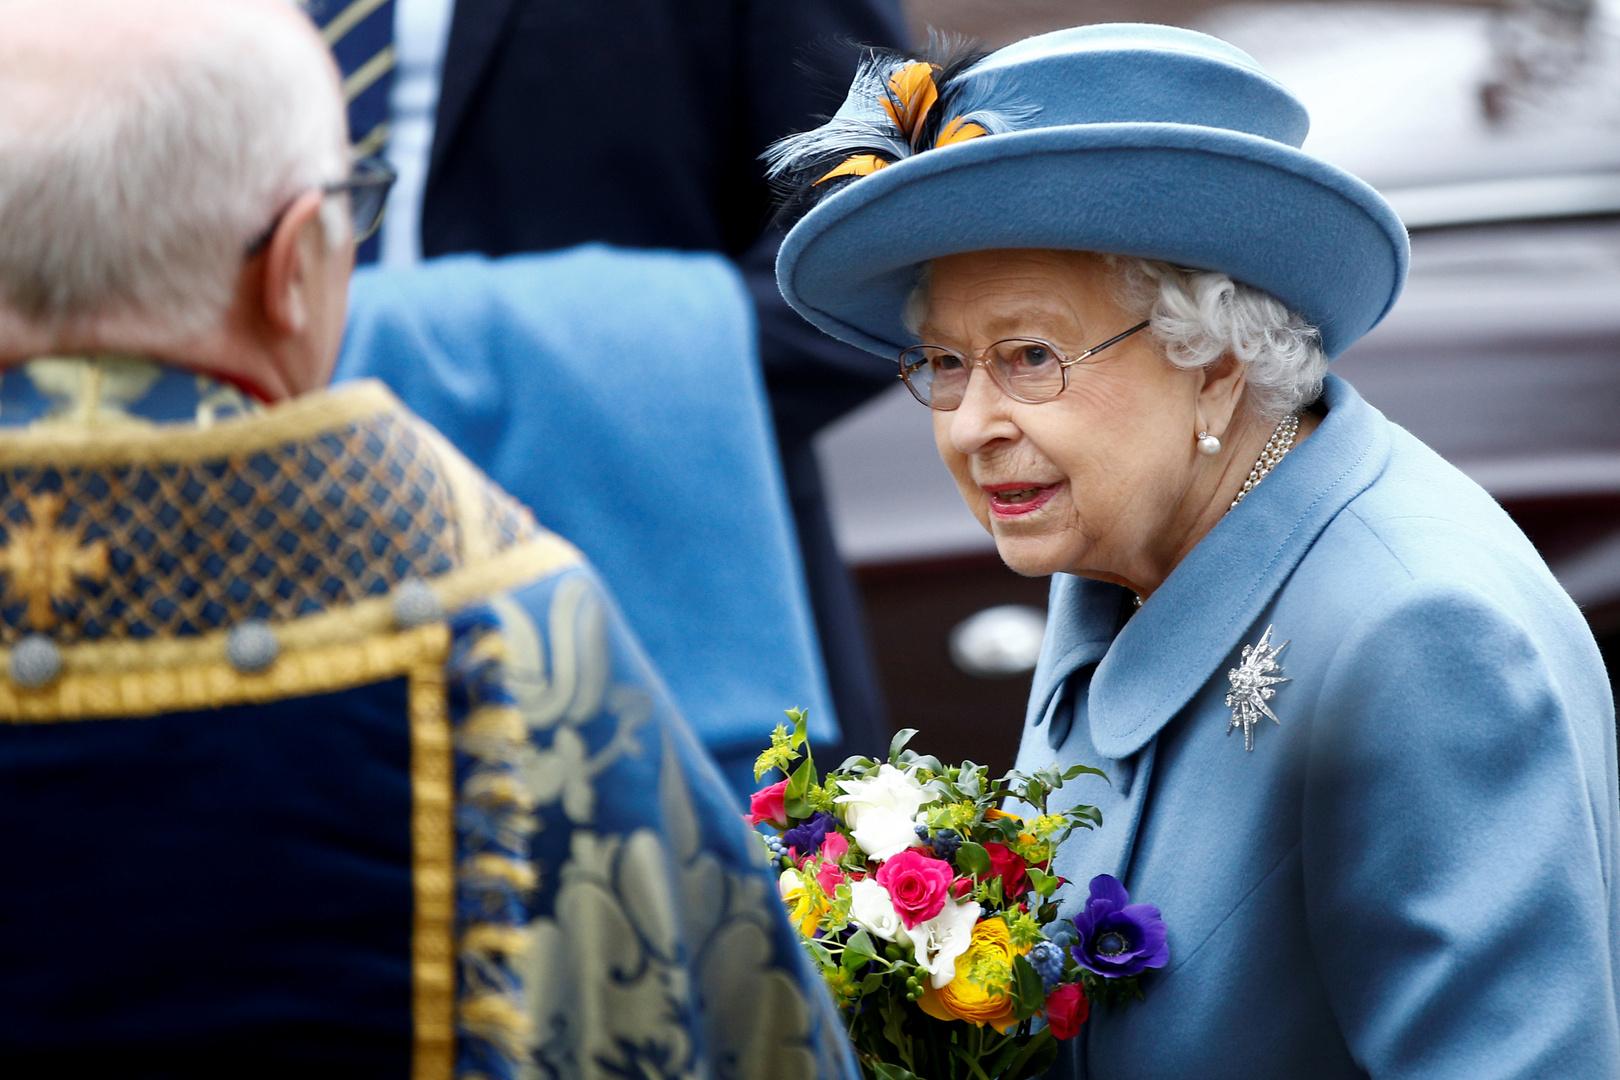 الملكة البريطانية إليزابيث الثانية